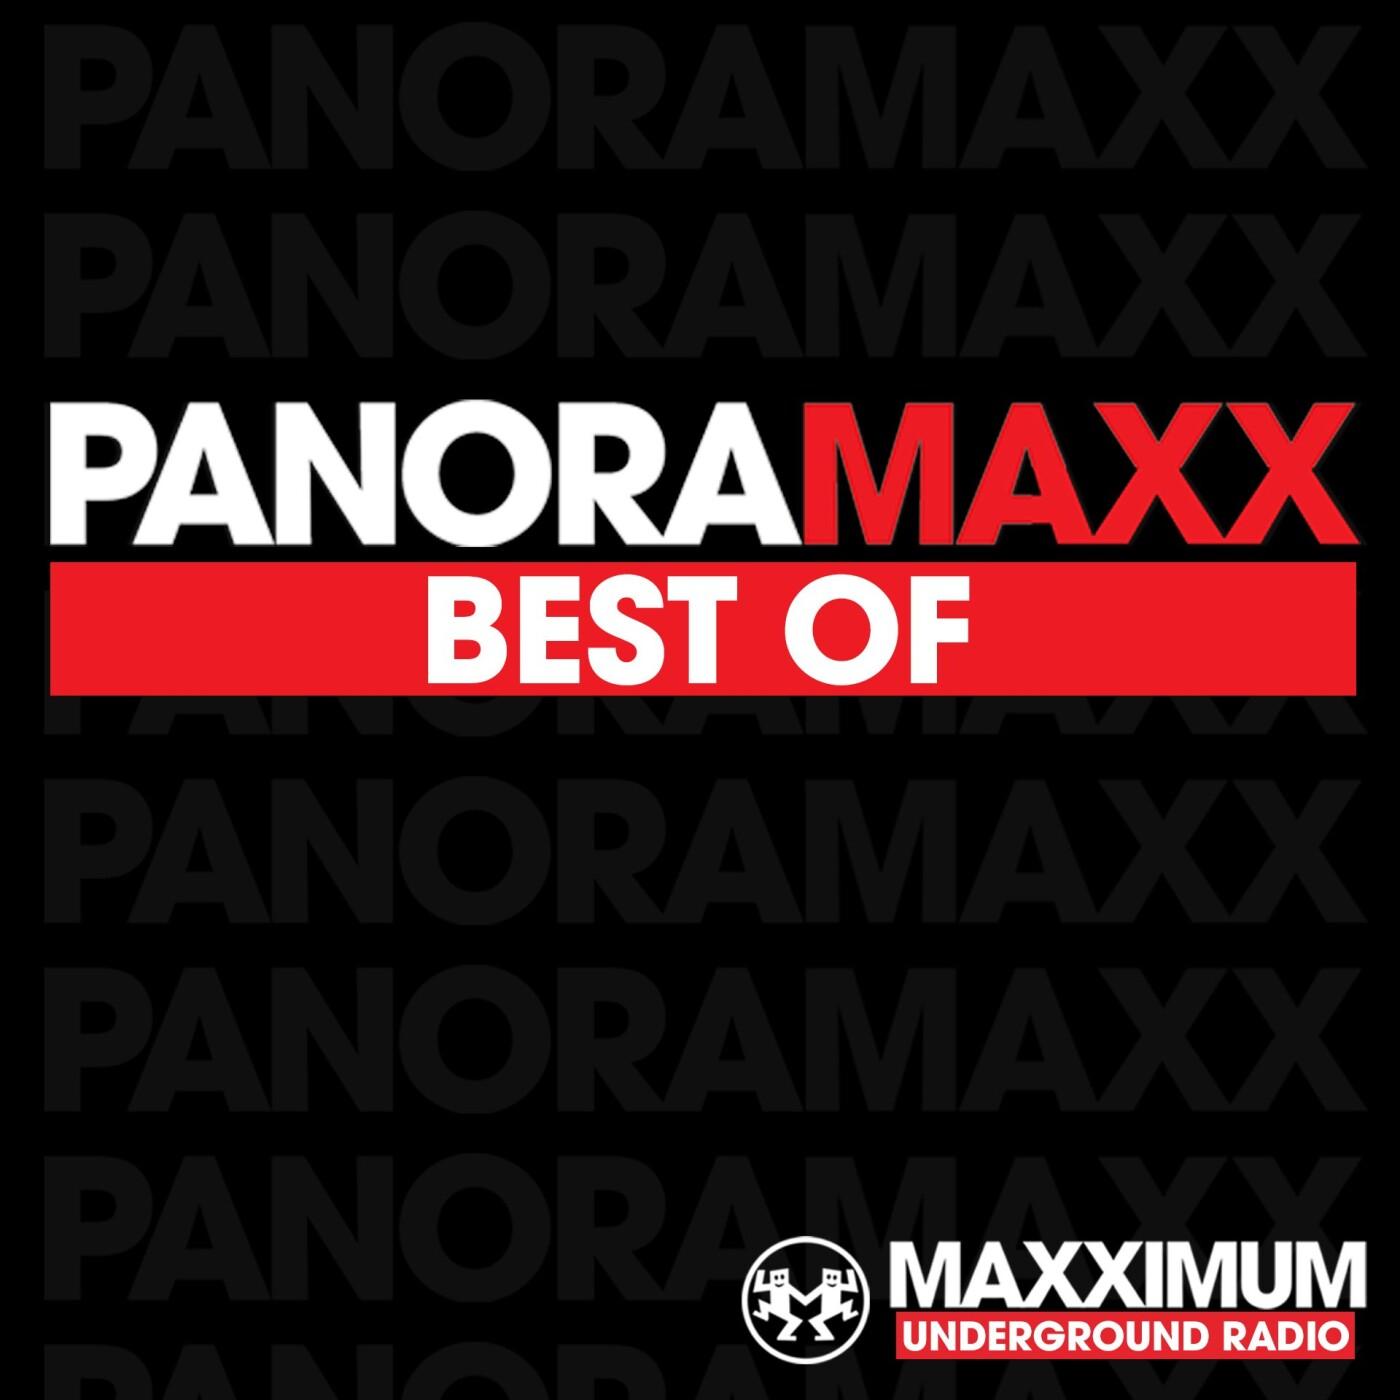 PANORAMAXX BEST OF : JACK DE MARSEILLE